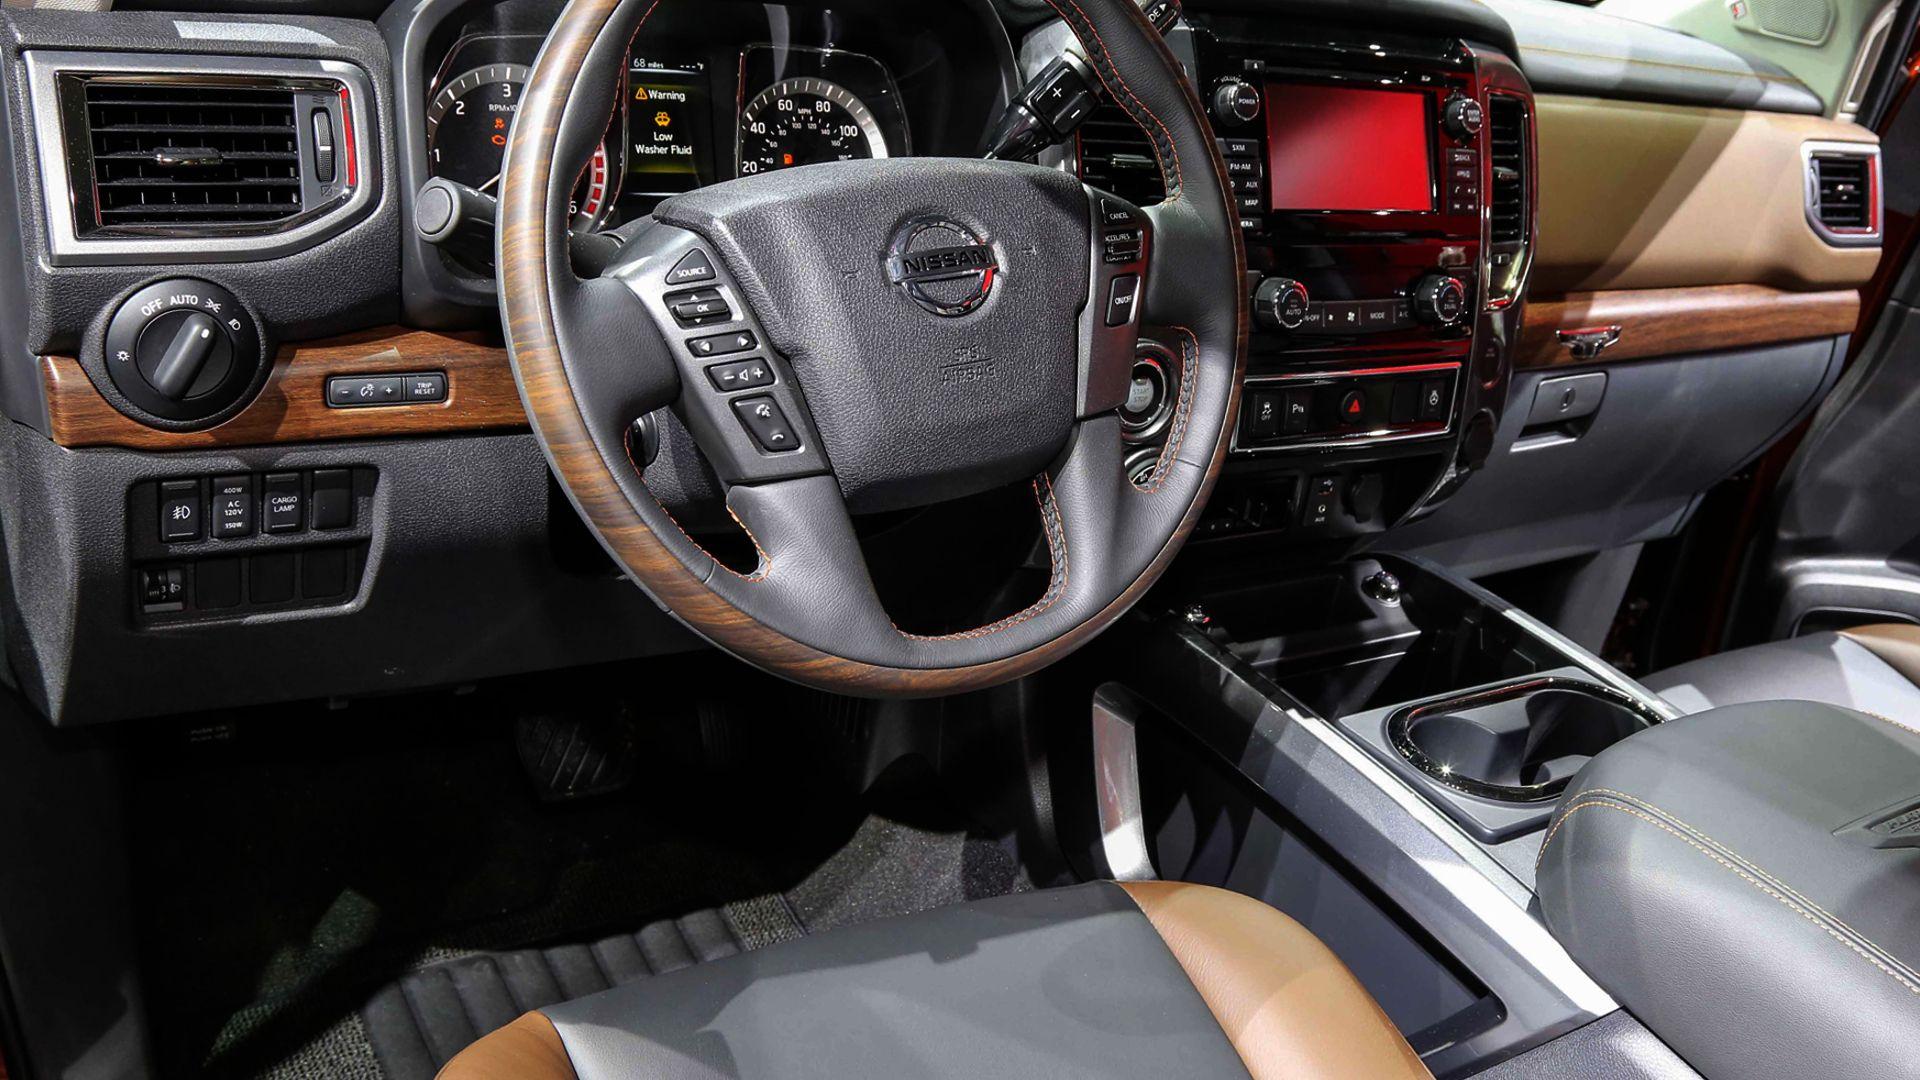 2019 Nissan Armada Interior Design